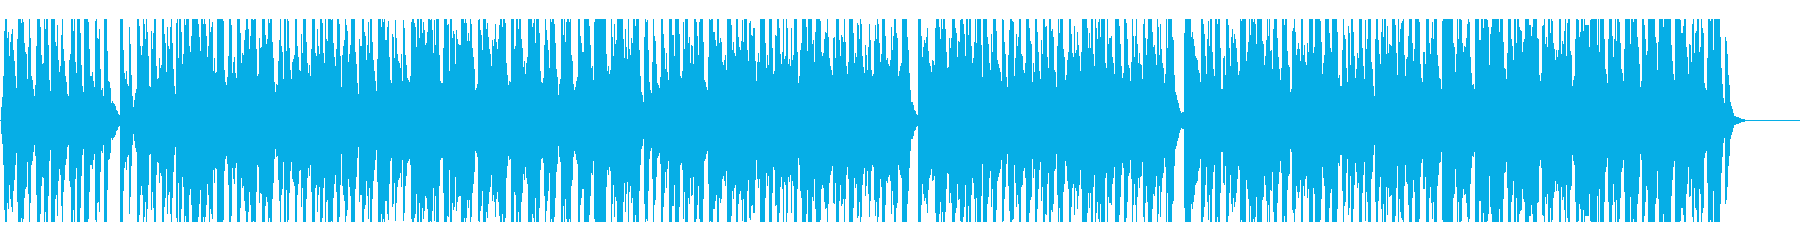 軽快で朗らかなラグタイムバンドの再生済みの波形